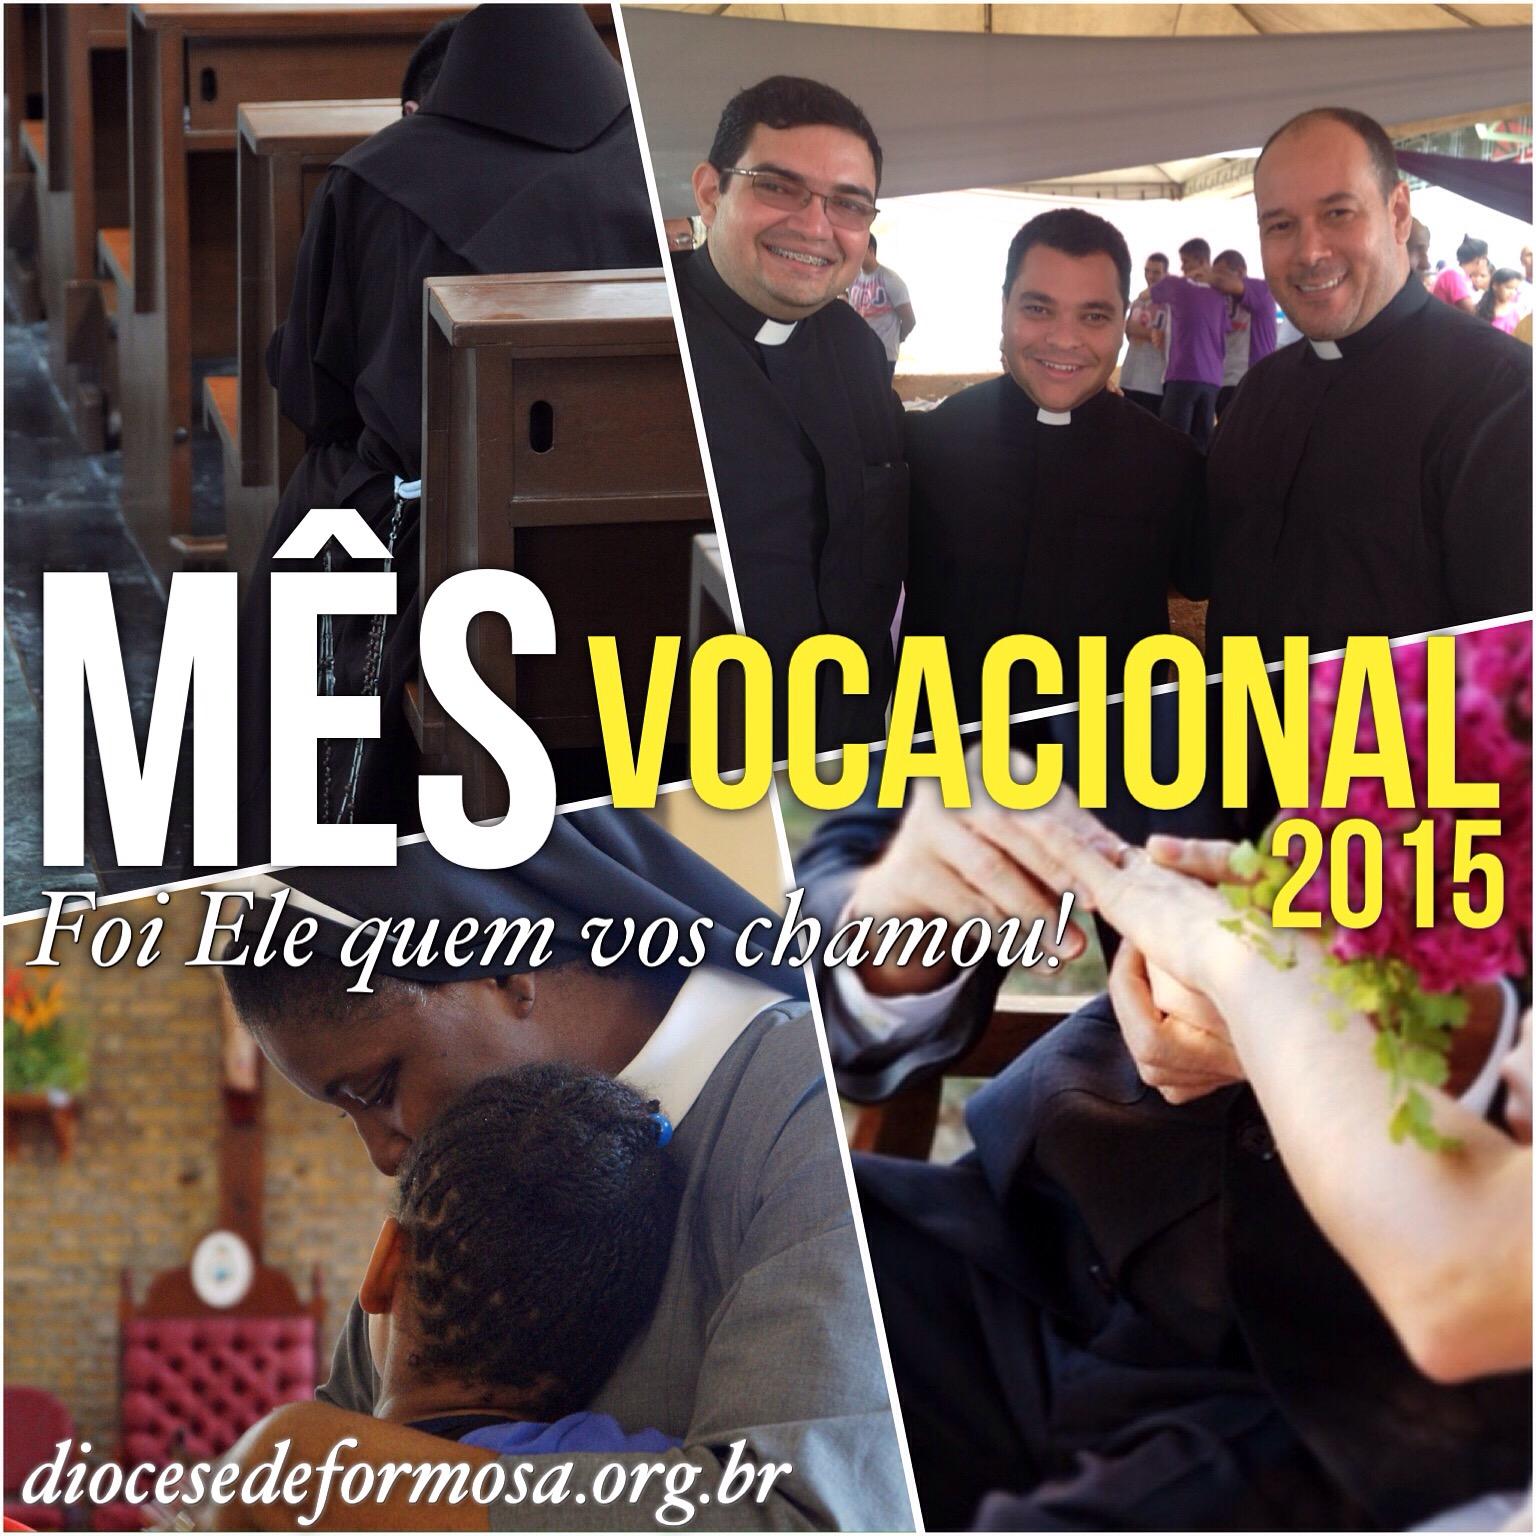 Neste mês a Igreja celebra as vocações  sacerdotal, diaconal, religiosa,  familiar e leiga. É um mês voltado para a reflexão e a oração pelas  vocações e os ... 87c0728a65